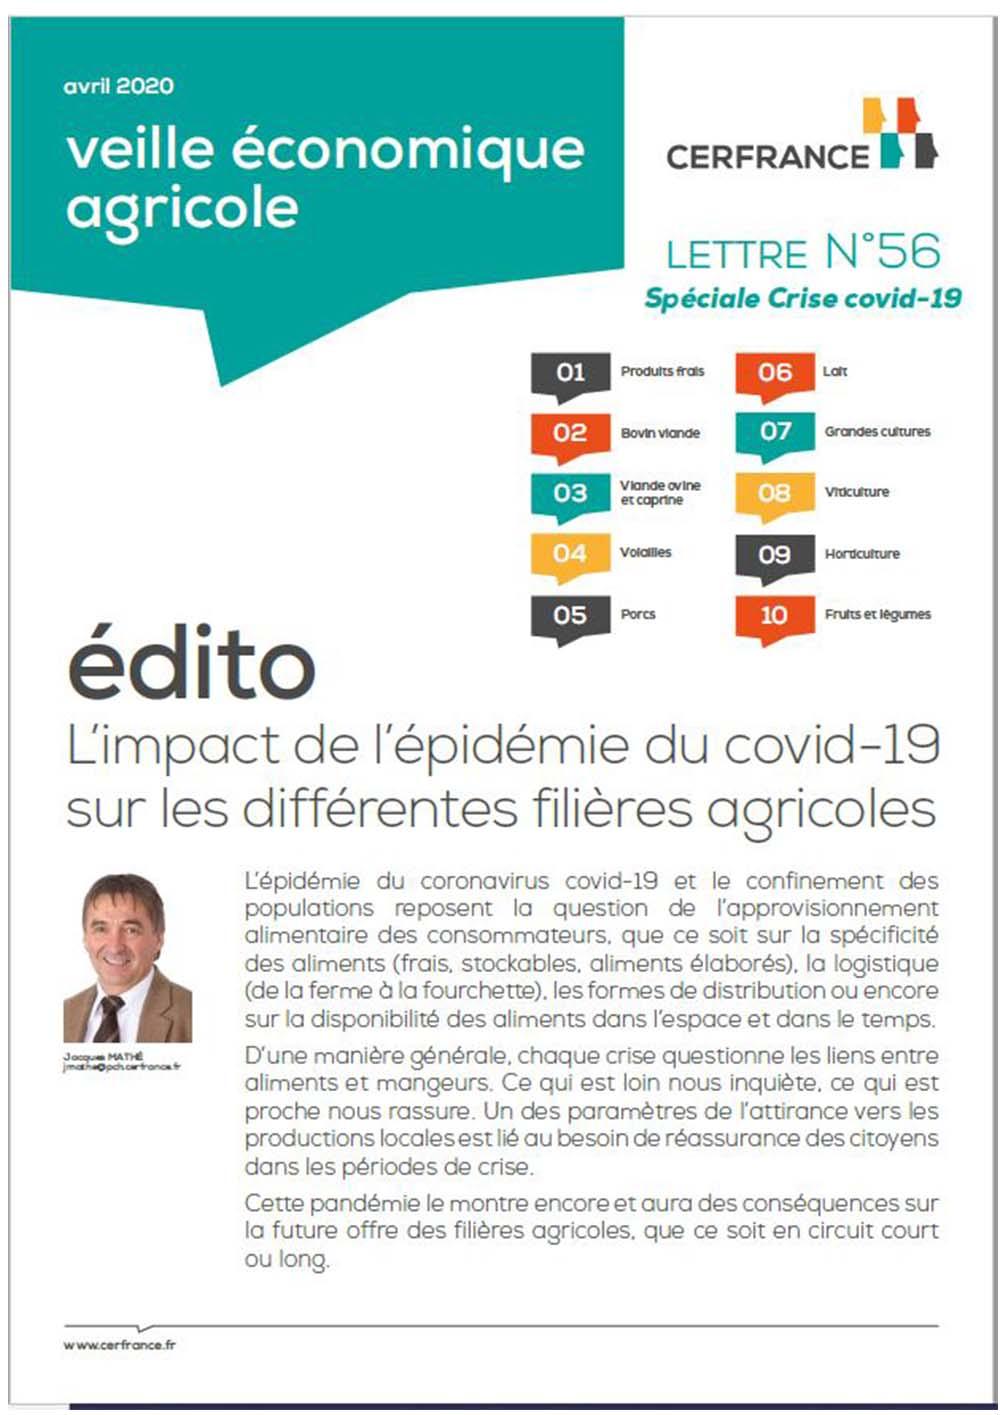 Lettre sur l'impact de l'épidémie du covid-19 sur les différentes filières agricoles